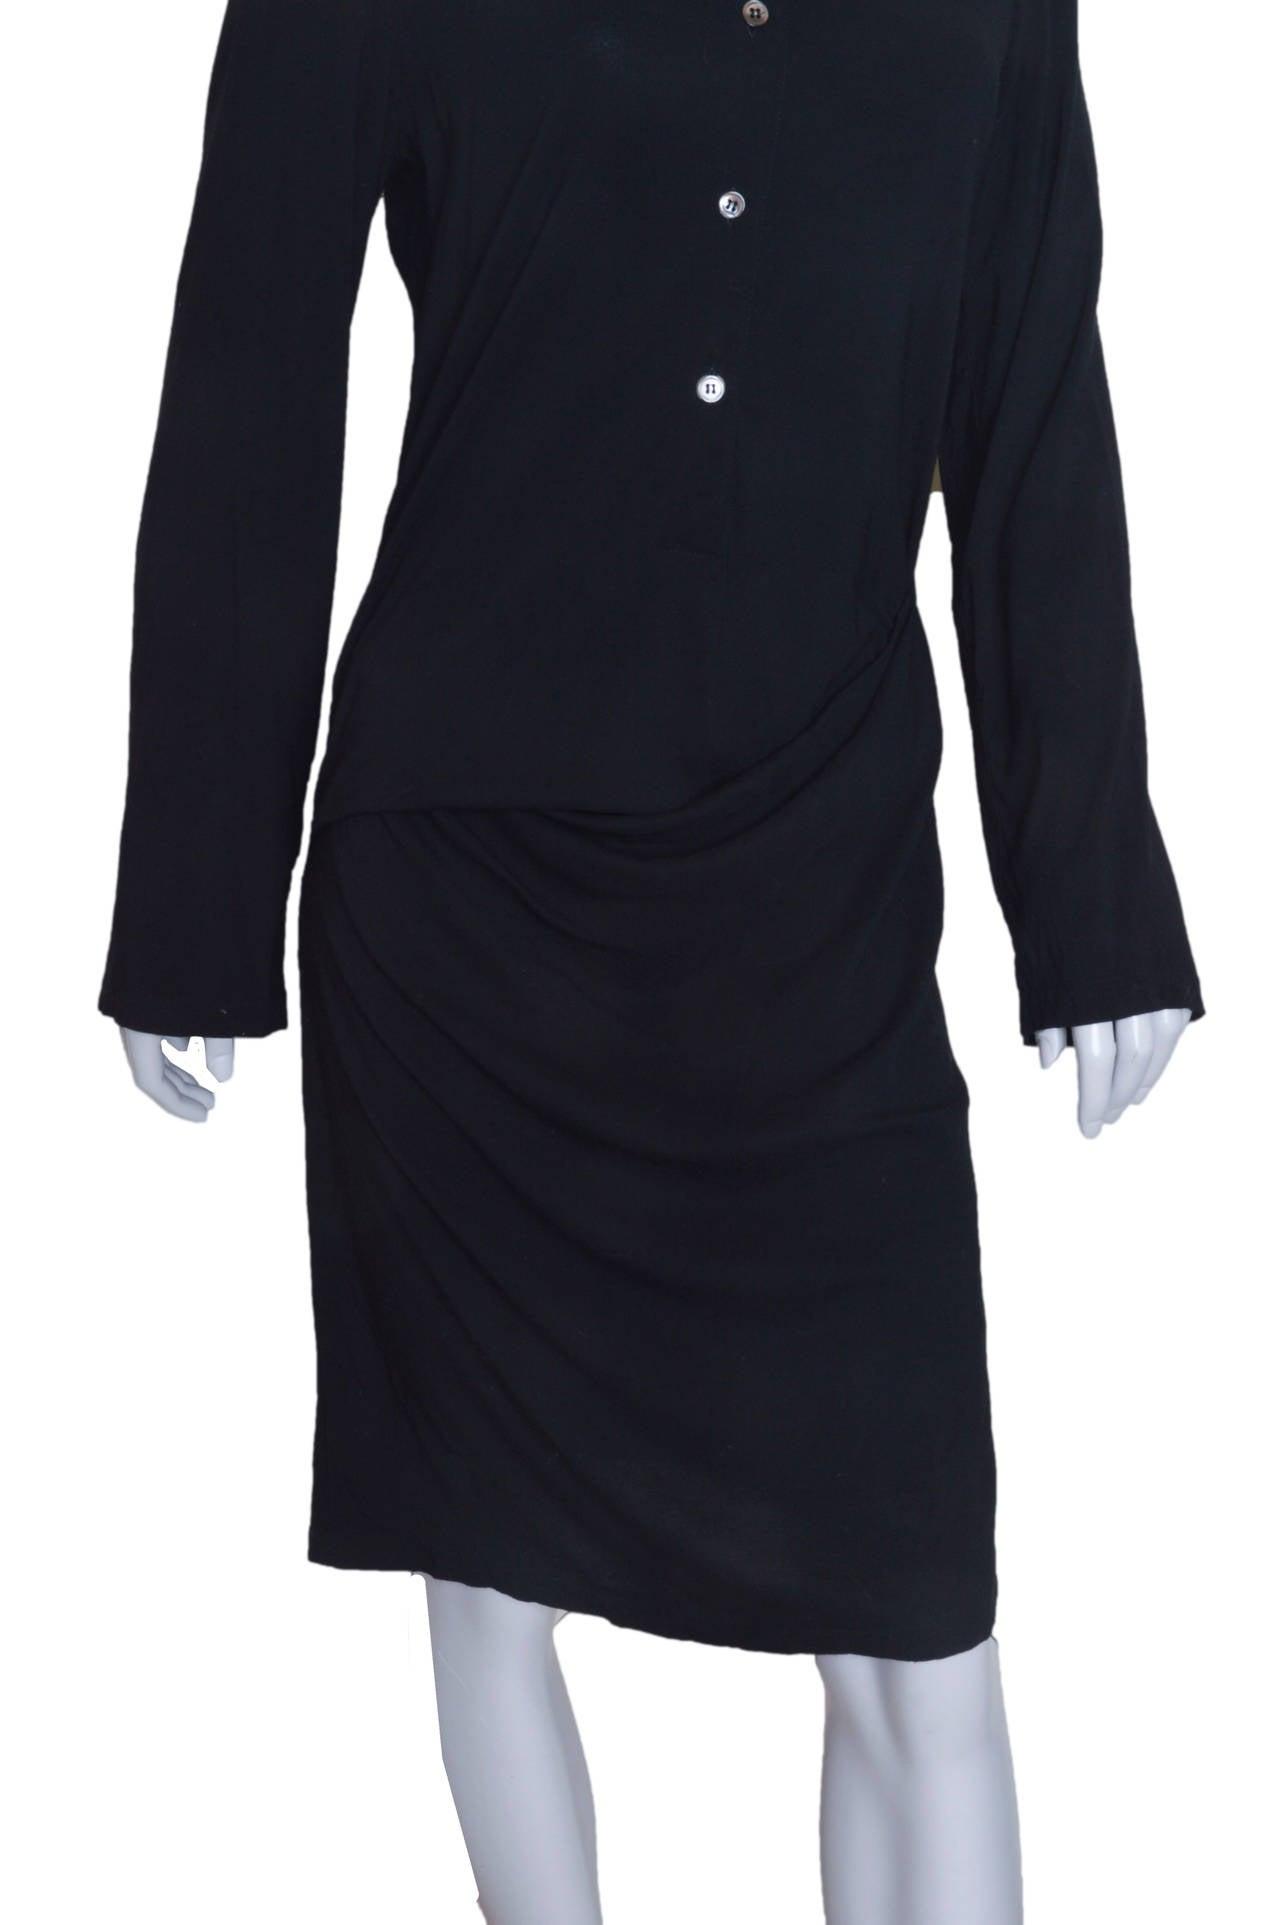 Ann Demeulemeester Asymmetrical Black Shirt Dress 4